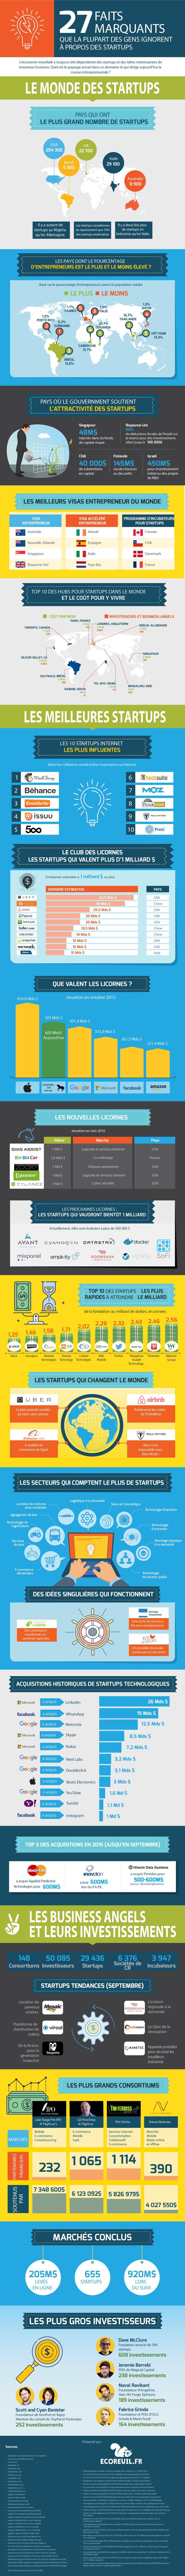 27-faits-sur-les-startups-FR